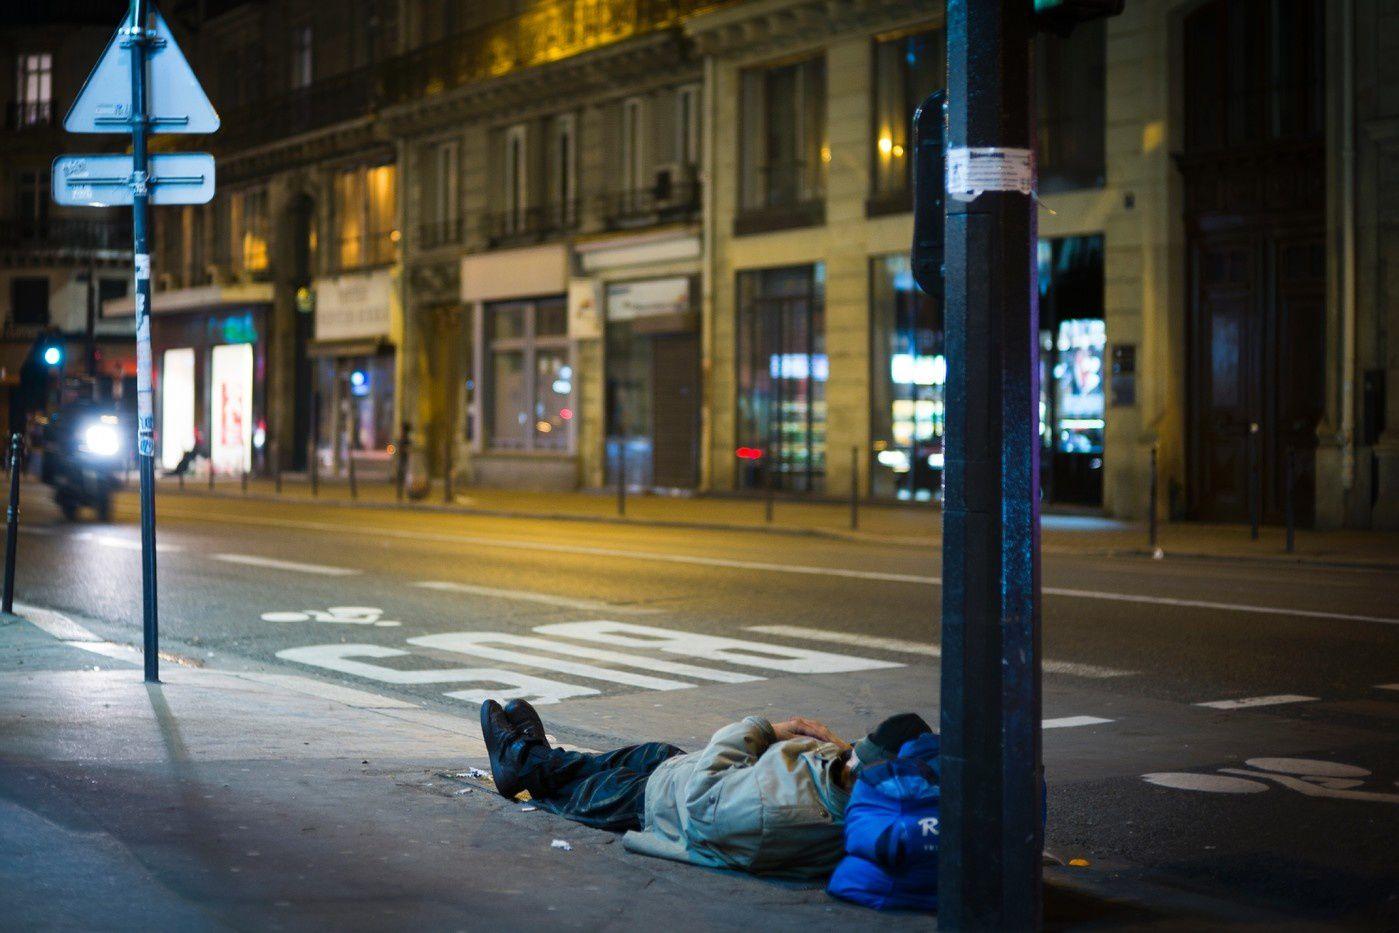 A peine plus d'un appel sur trois au 115, le numéro d'urgence des sans-abri, a abouti à une solution d'hébergement entre le 10 juin et le 10 juilllet, alors que le nombre d'appels a augmenté par rapport à l'été dernier, selon un baromètre publié mardi. / AFP/Archives